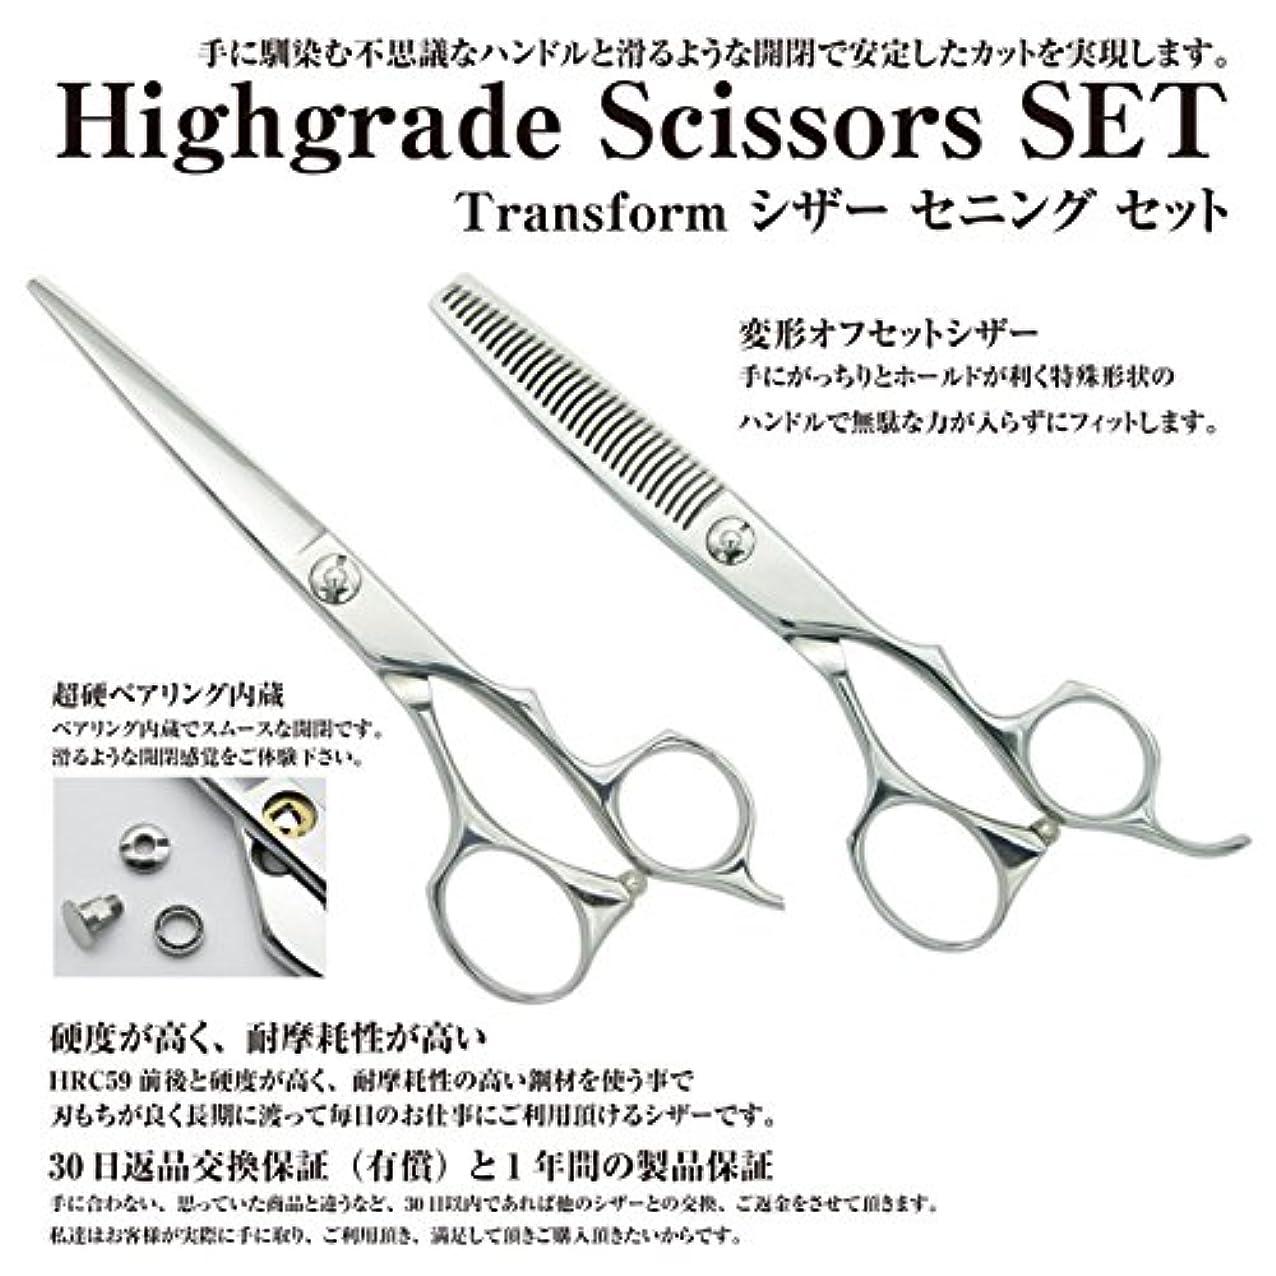 三番小切手テスピアンProfessional series Transform CA set セット/美容師 理容 理容師 散髪 はさみ すきばさみ シザー セニング